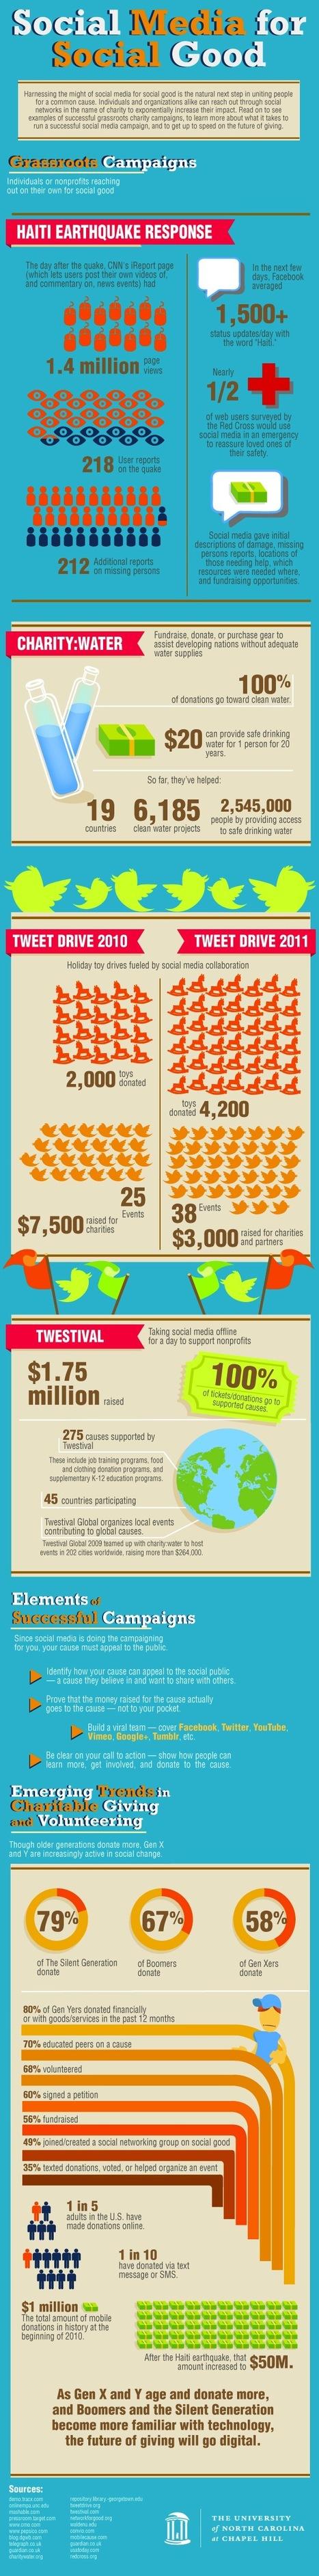 Social Media for Social Good [INFOGRAPHIC] | De Informatieprofessional | Scoop.it